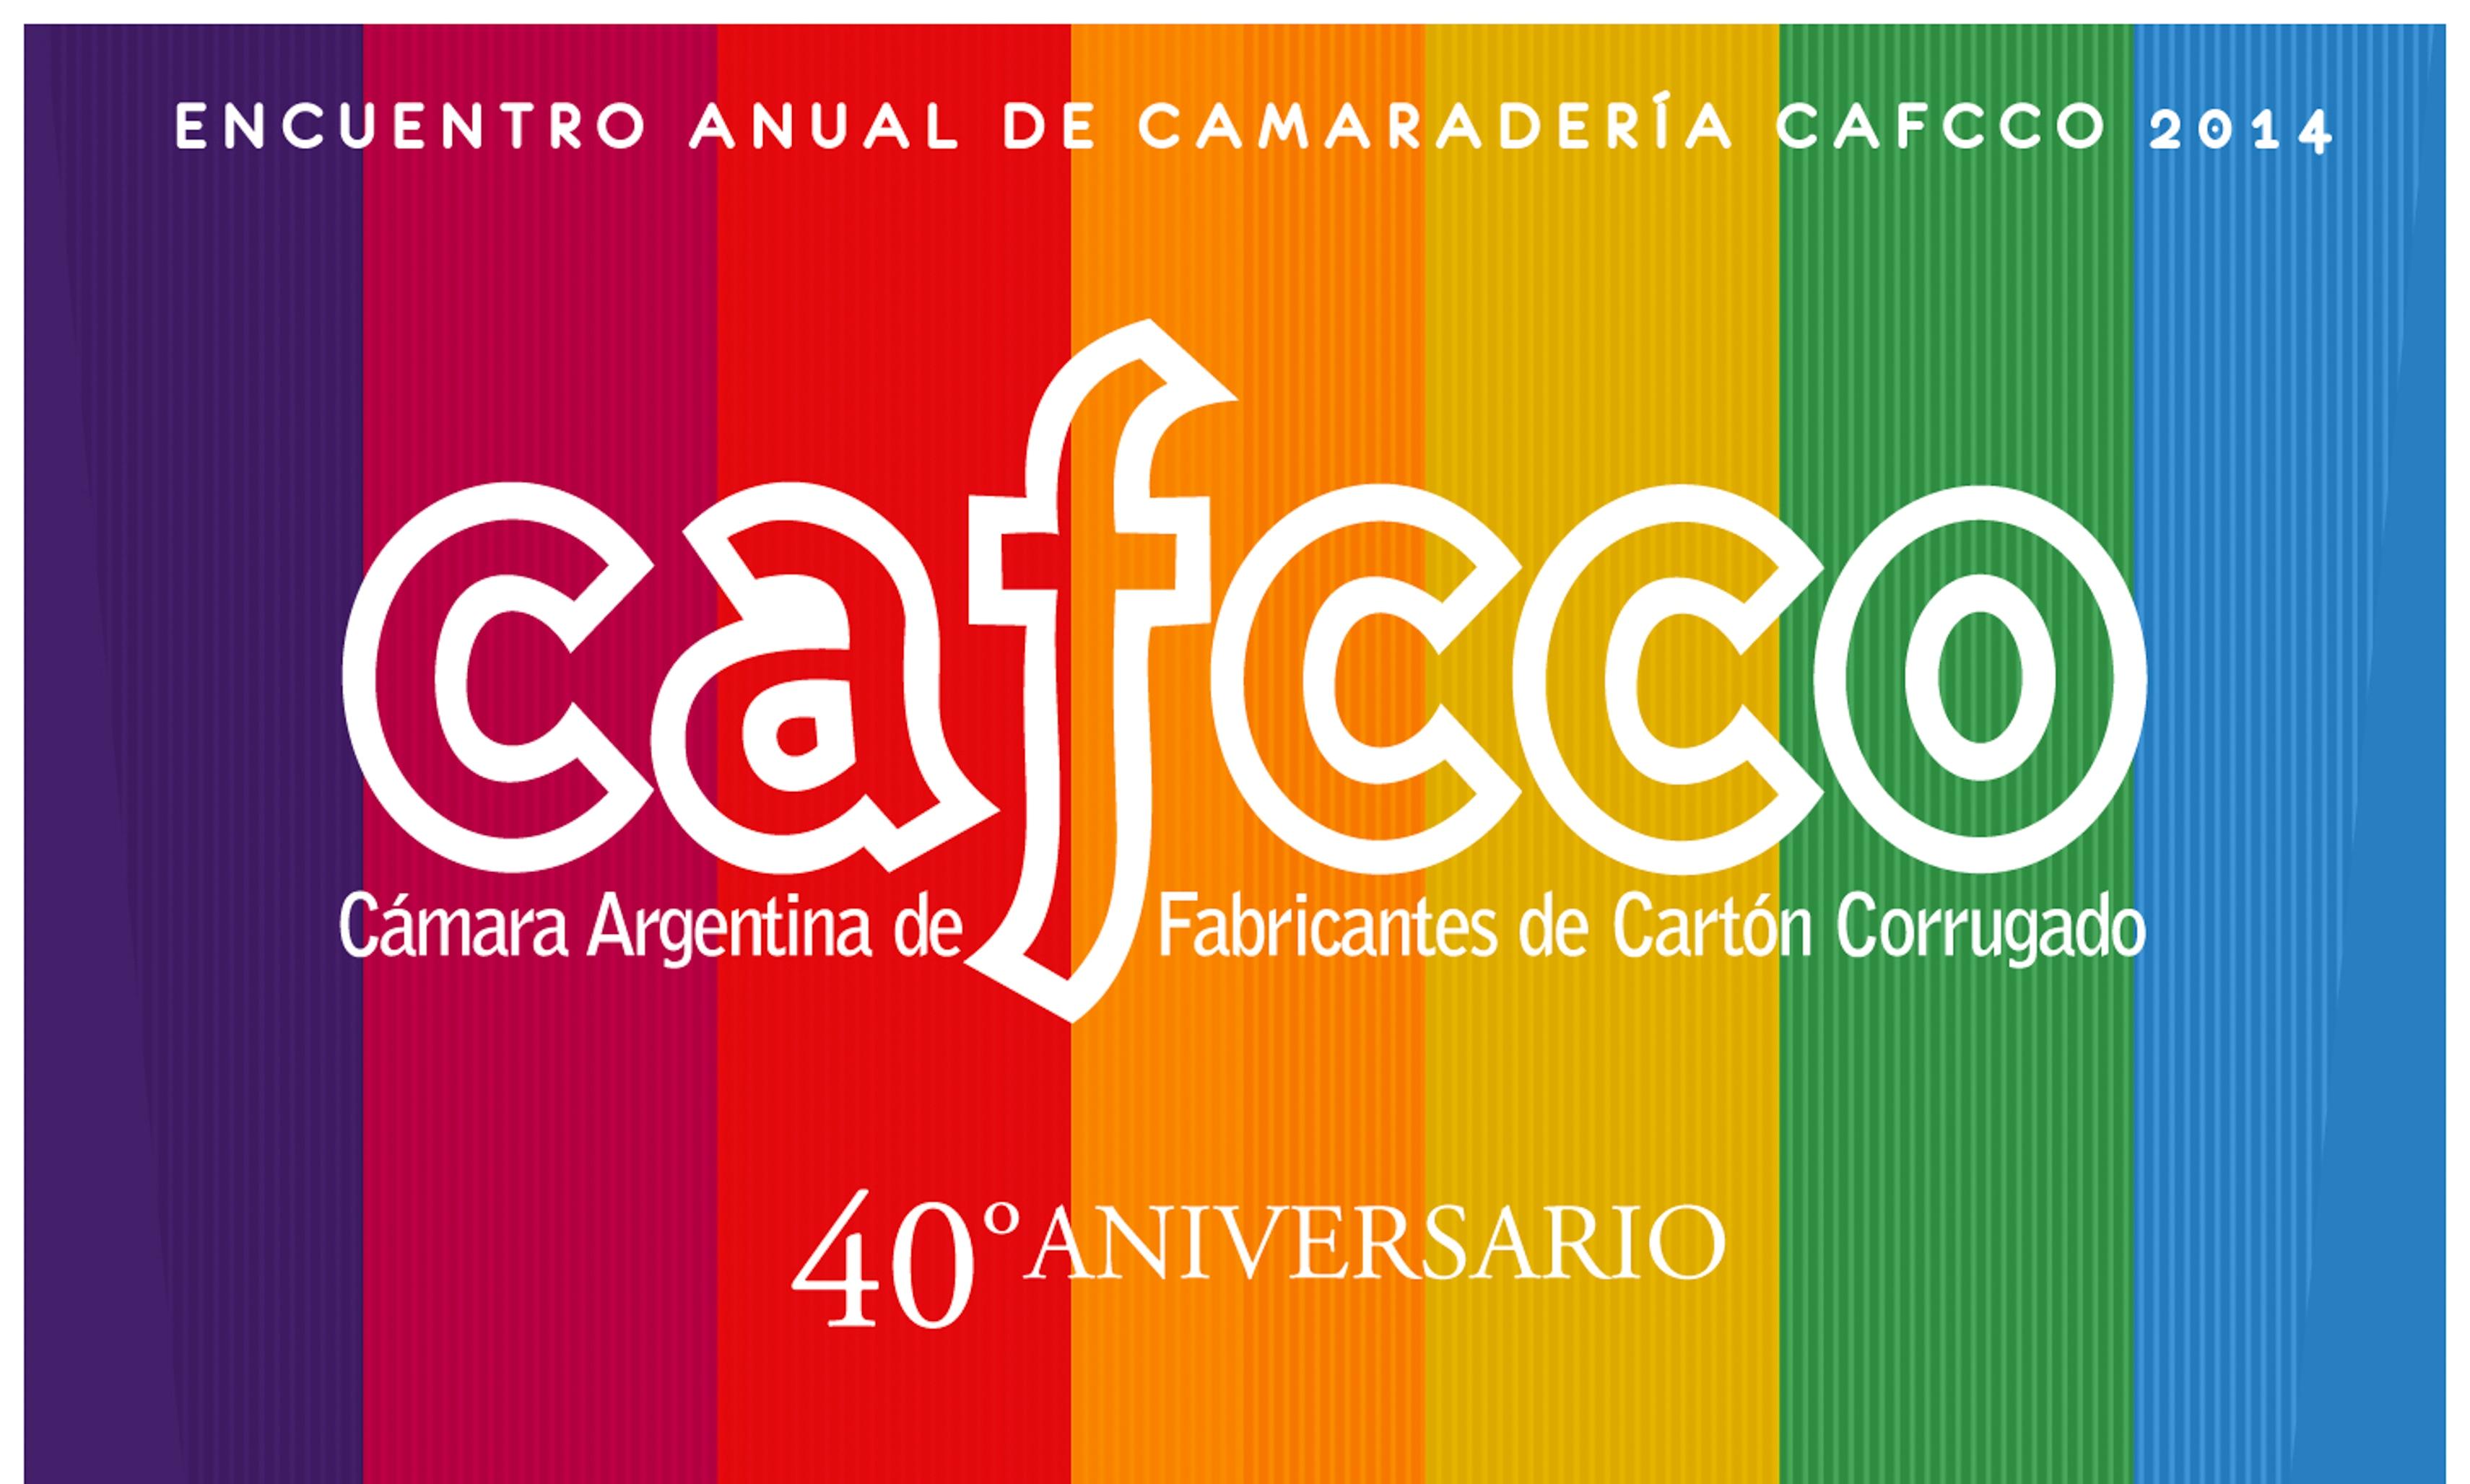 http://www.cafcco.com.ar/encuentro-anual-de-camaraderia-cafcco-2014/